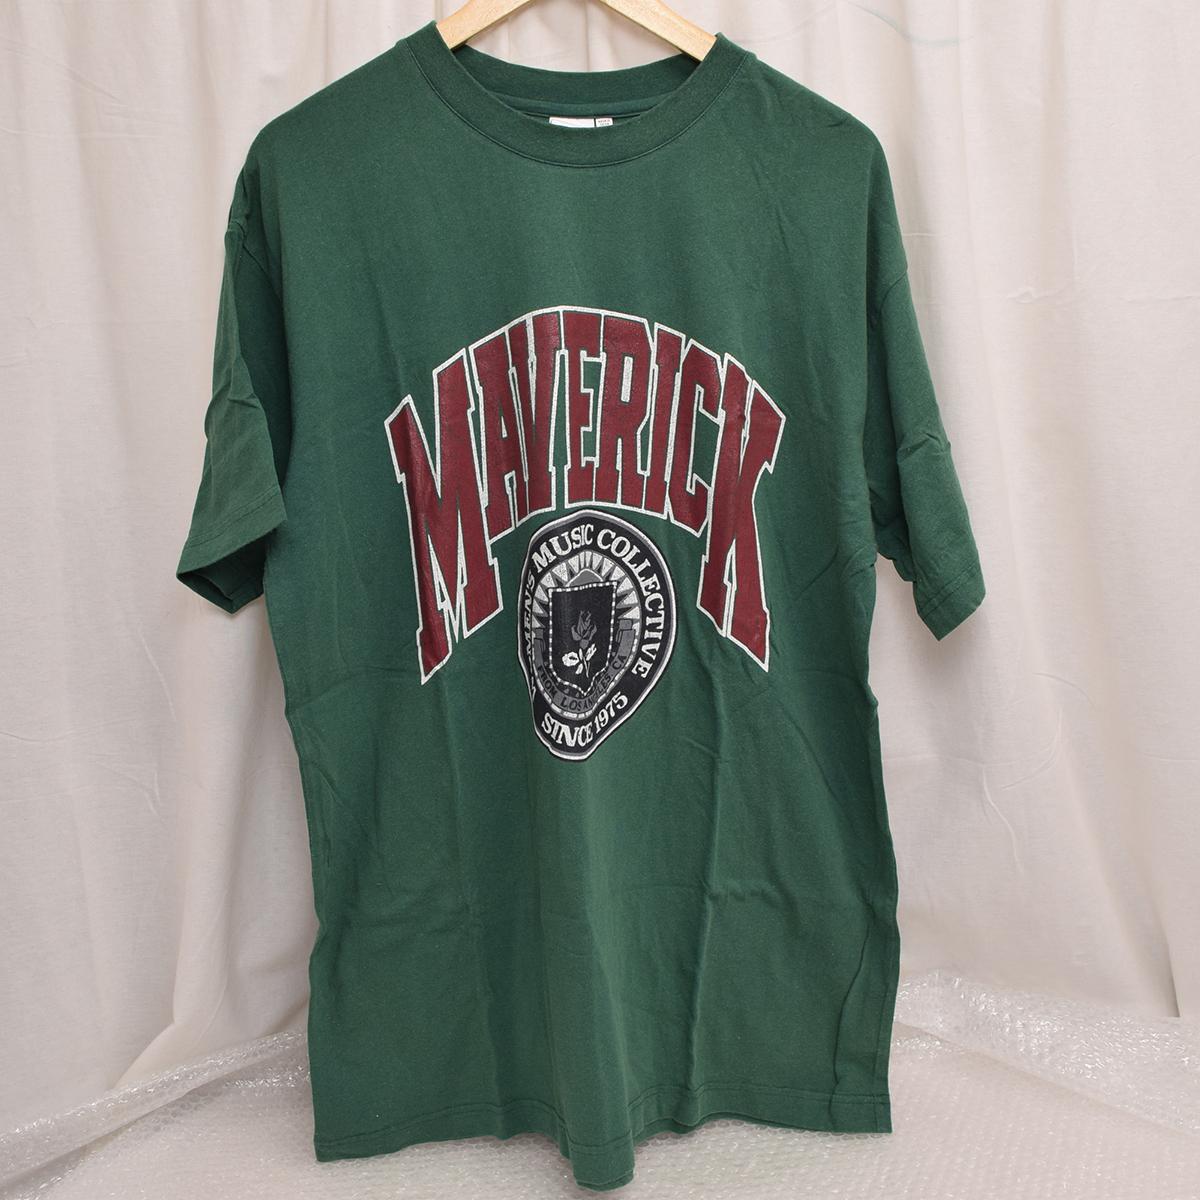 ◇237C/マウジー/MOUSSY MAVERICK Tシャツ イエロー/ブラック/グリーン サイズF レディース 010BAQ90-5860 コットンの2番目の画像